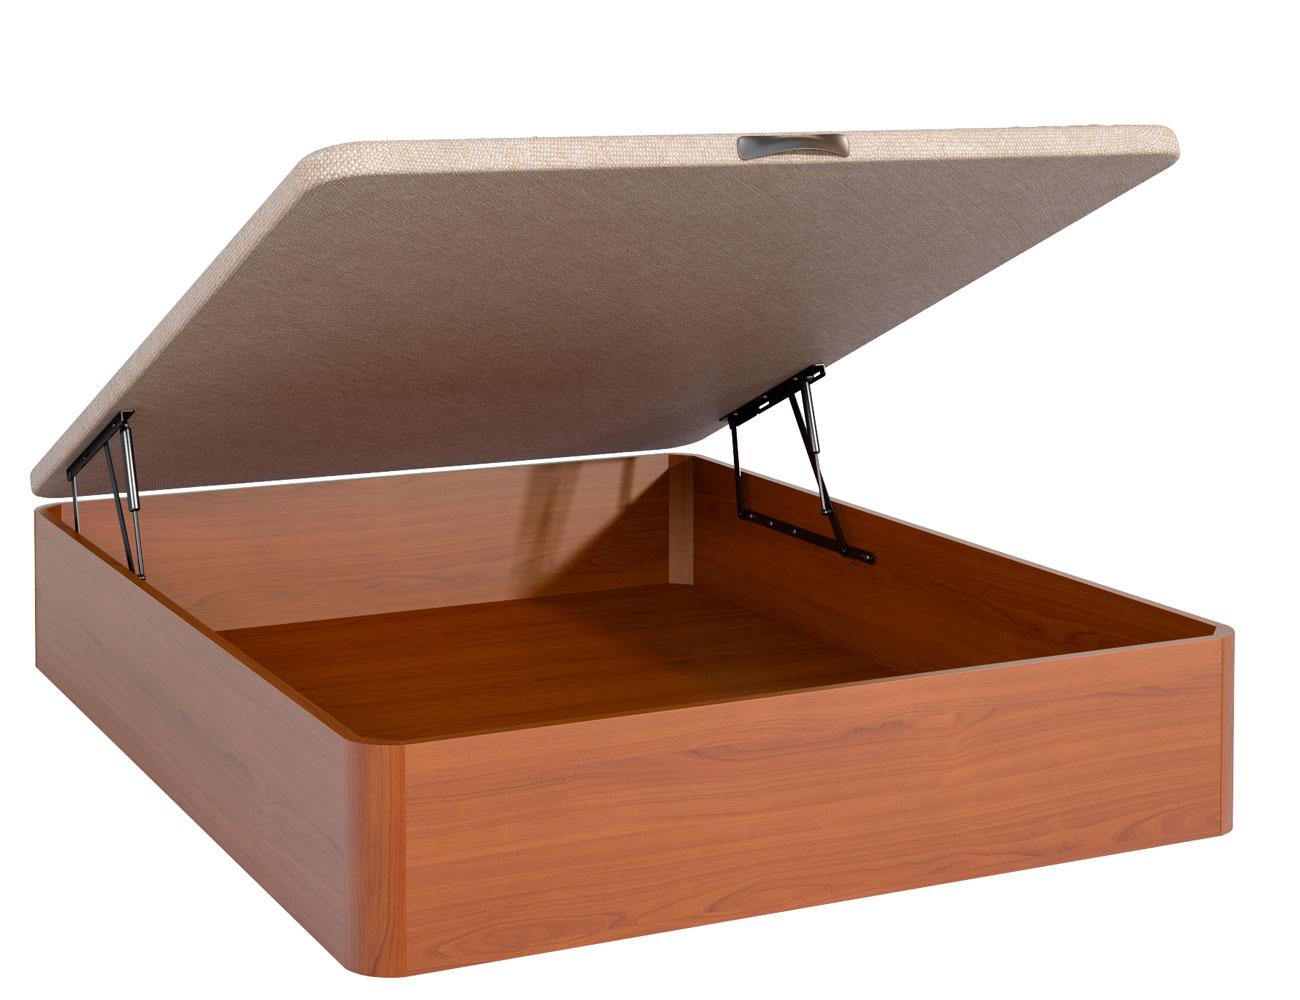 Canape madera nogal tapa 3d barato ebro abierto